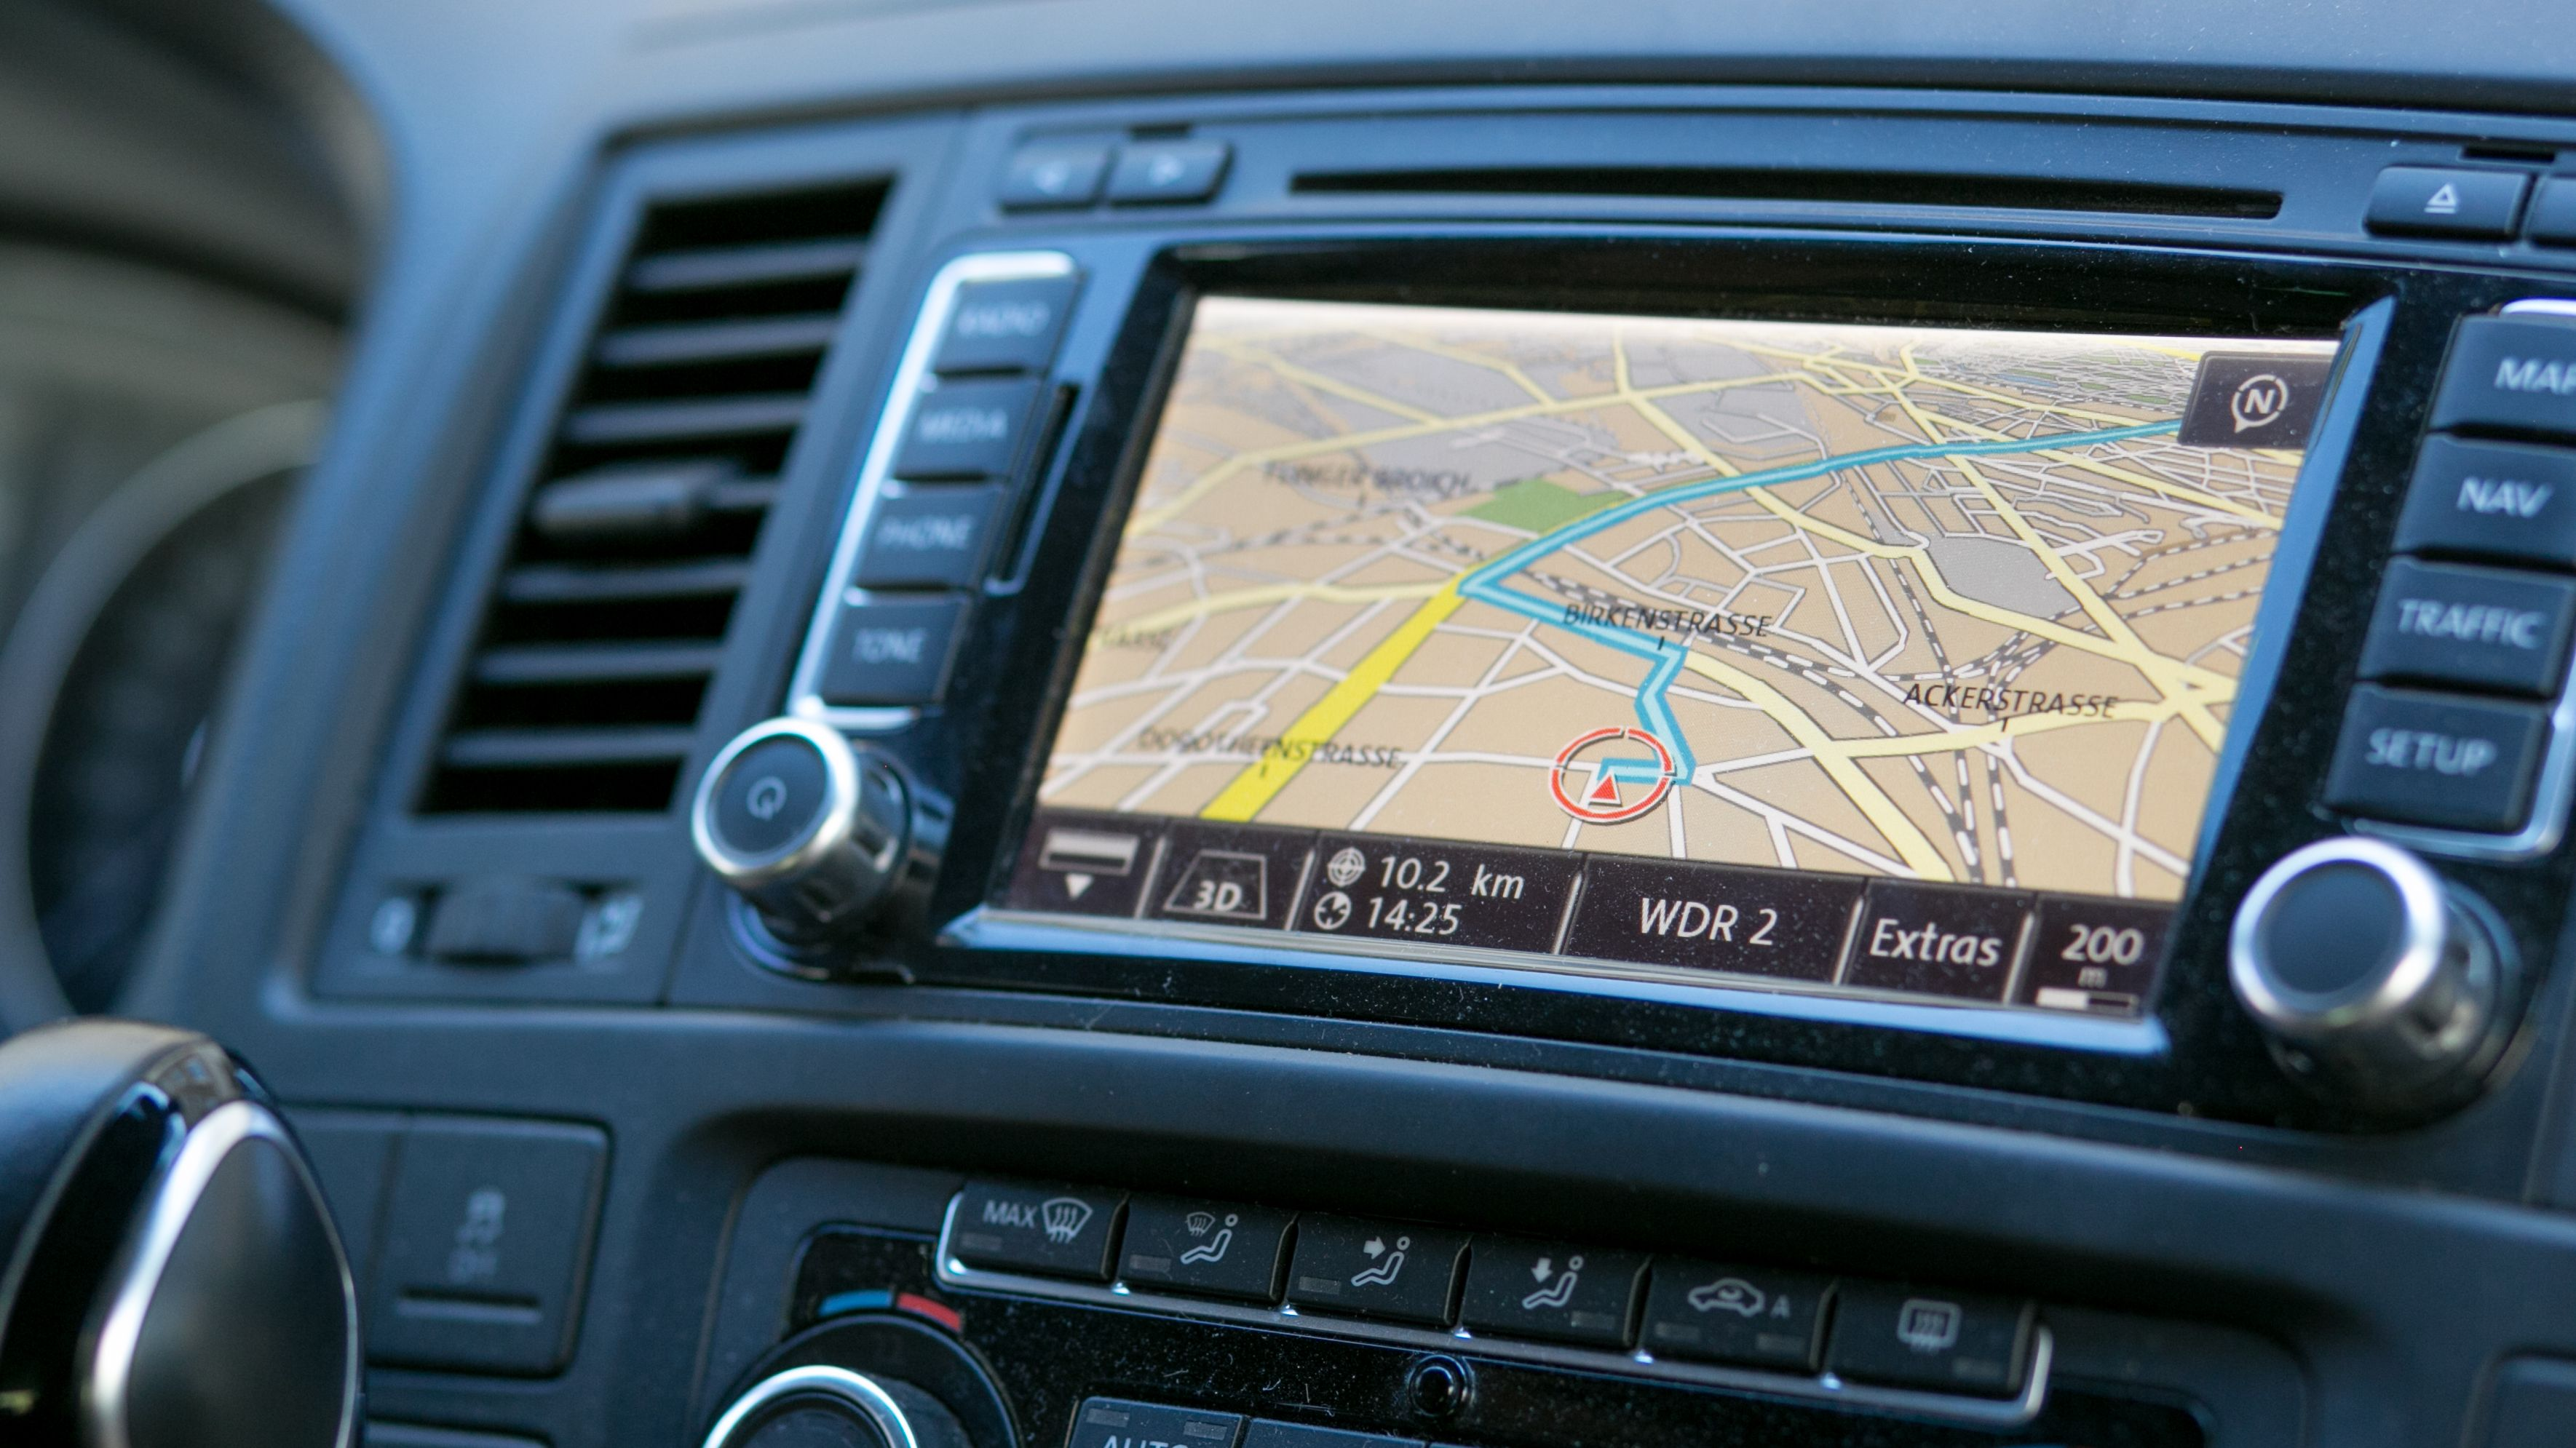 Ein Navigationsgerät in einem Auto